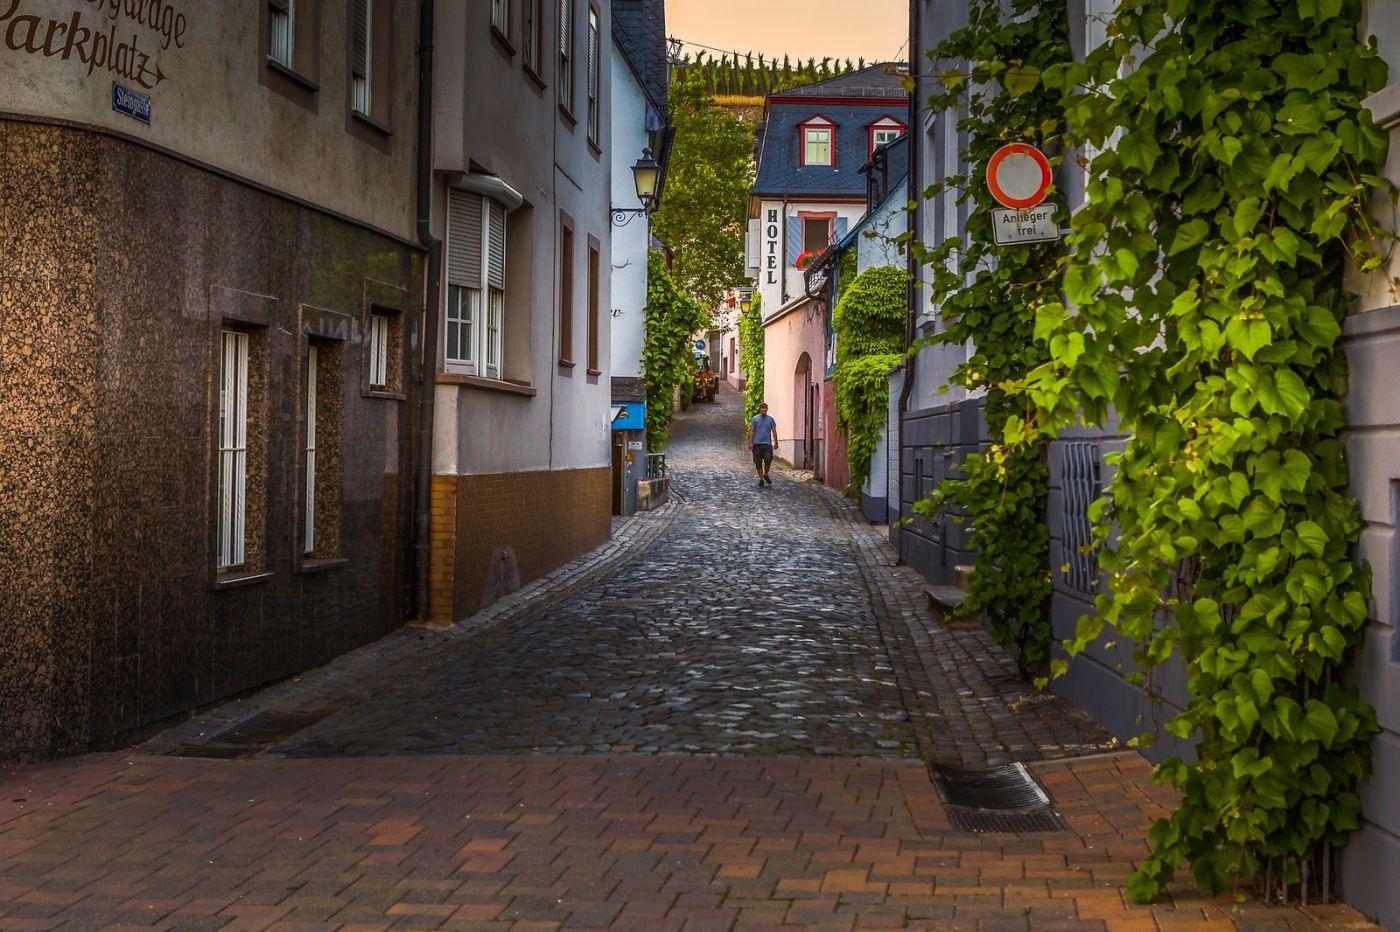 德国吕德斯海姆(Rudesheim),莱茵河畔的小镇_图1-31